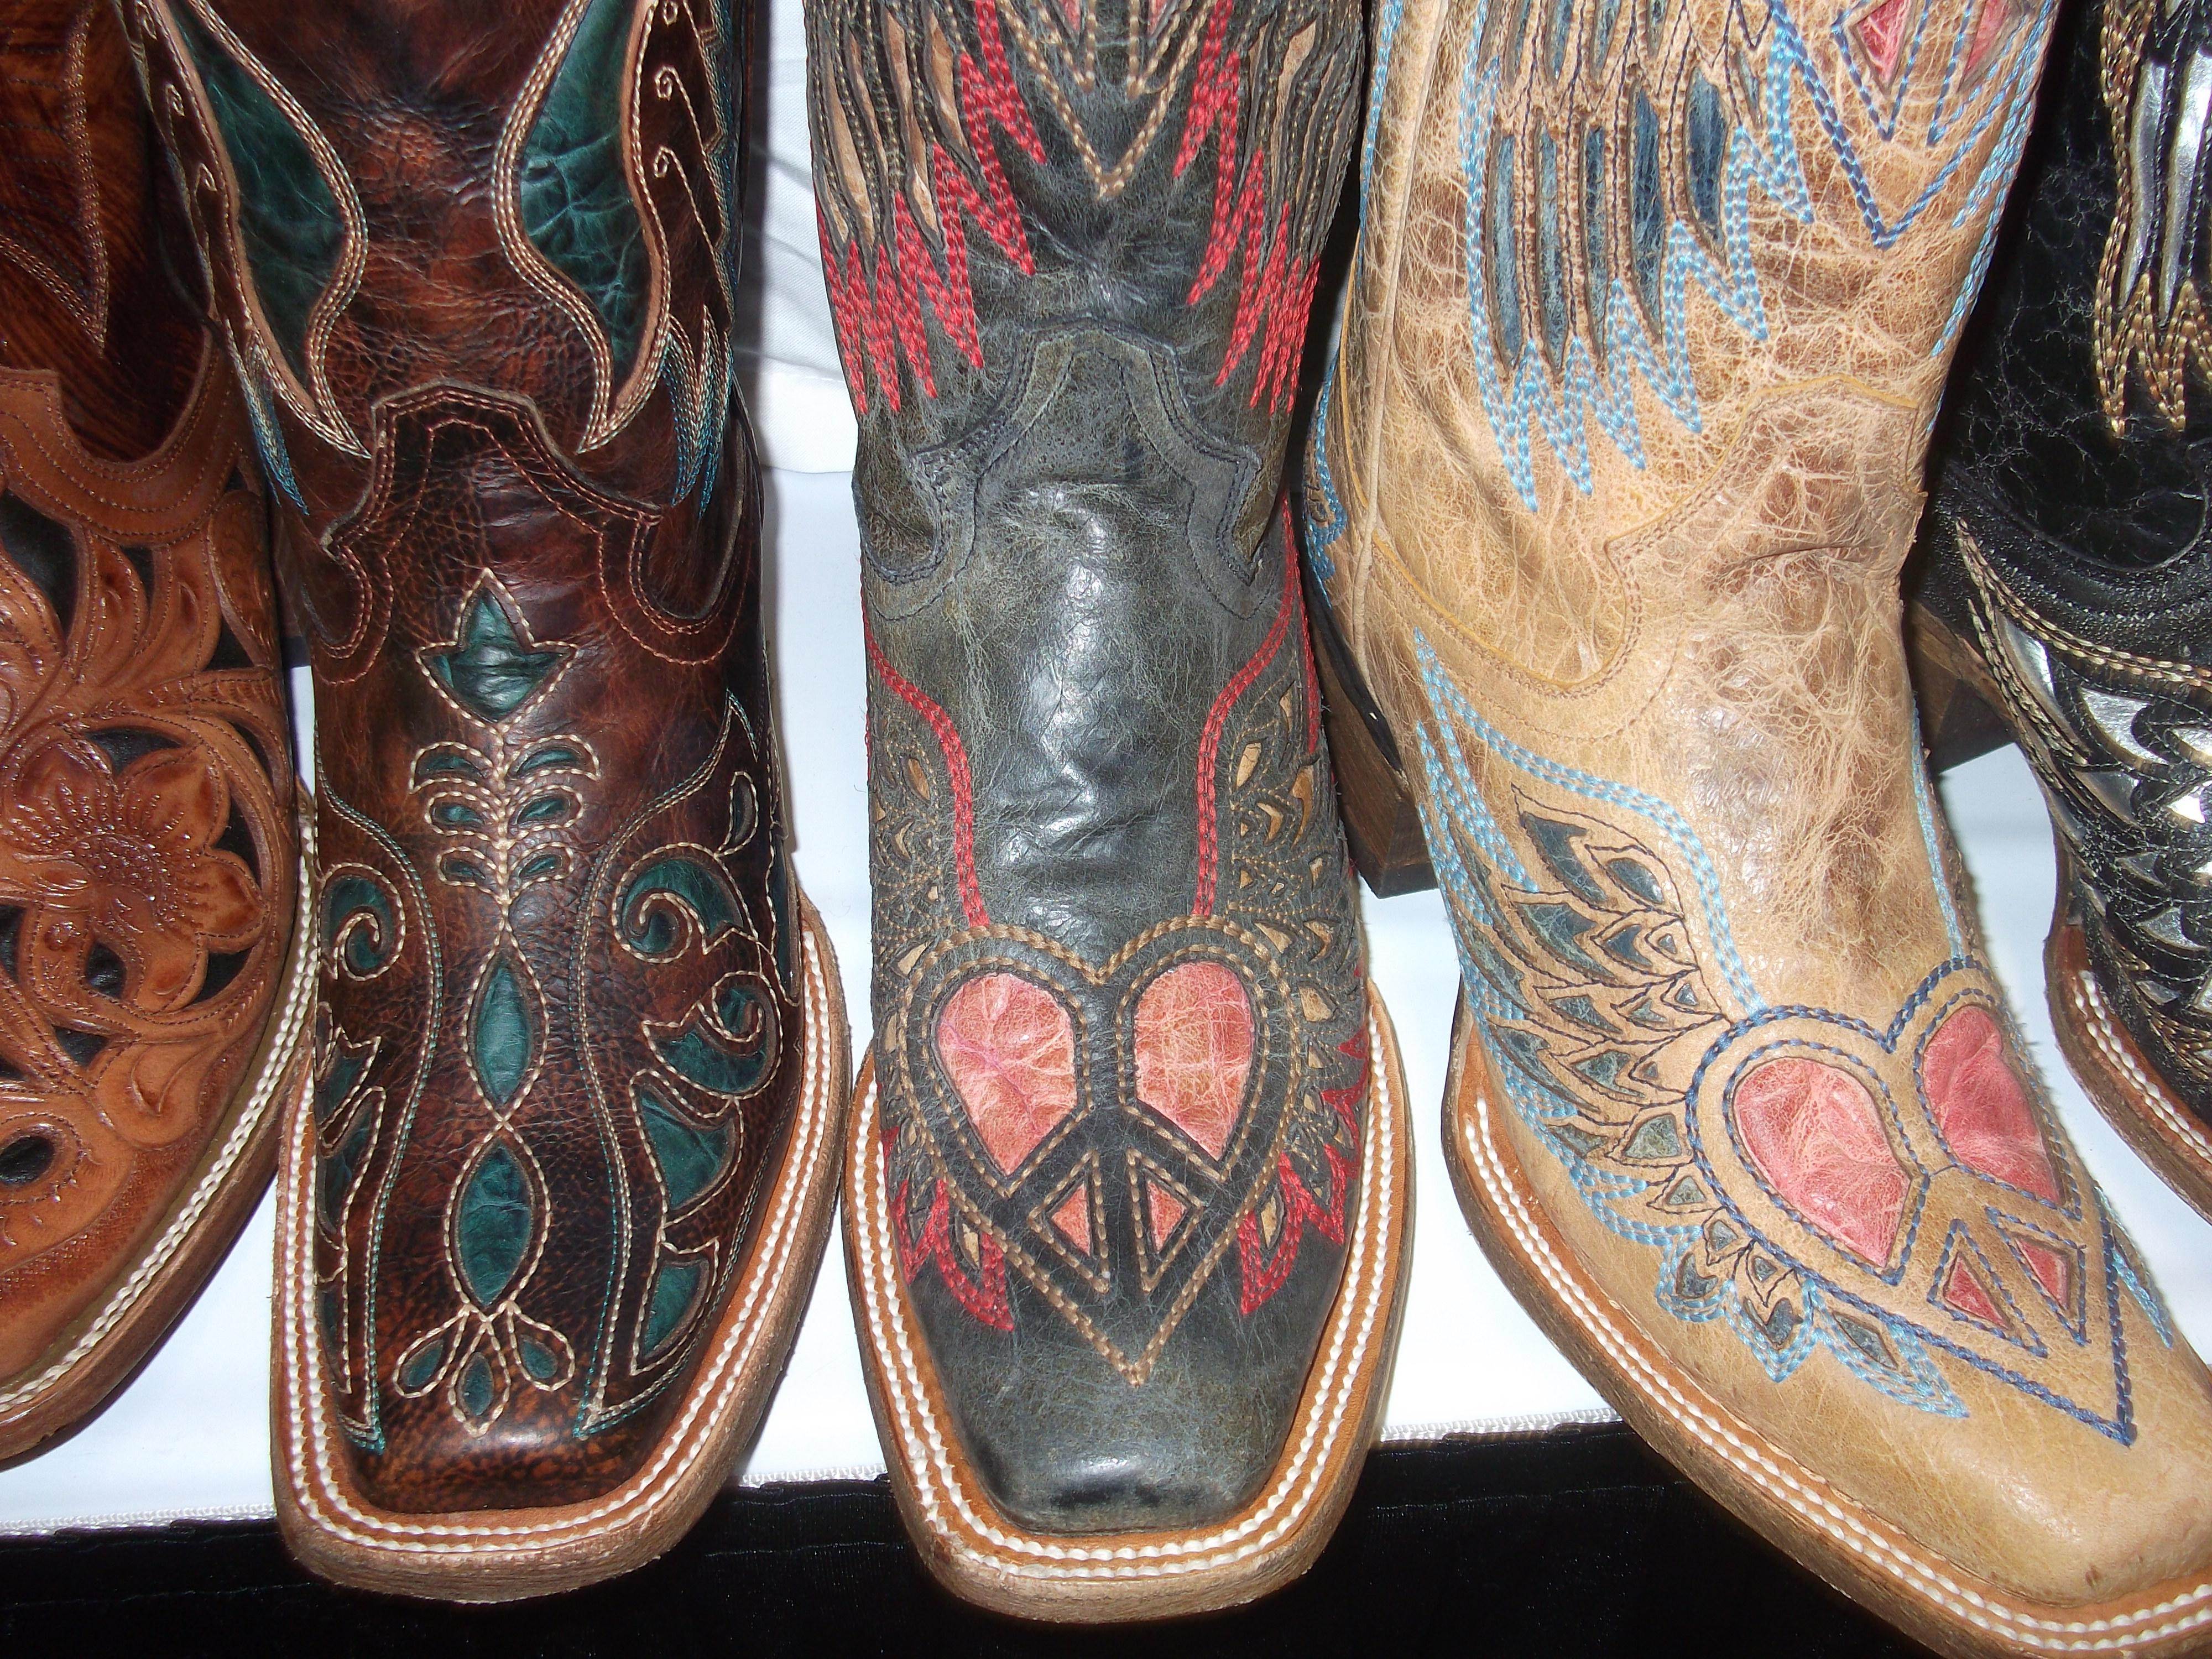 Corral Cowboy Boots at Denver Market | Horses & Heels